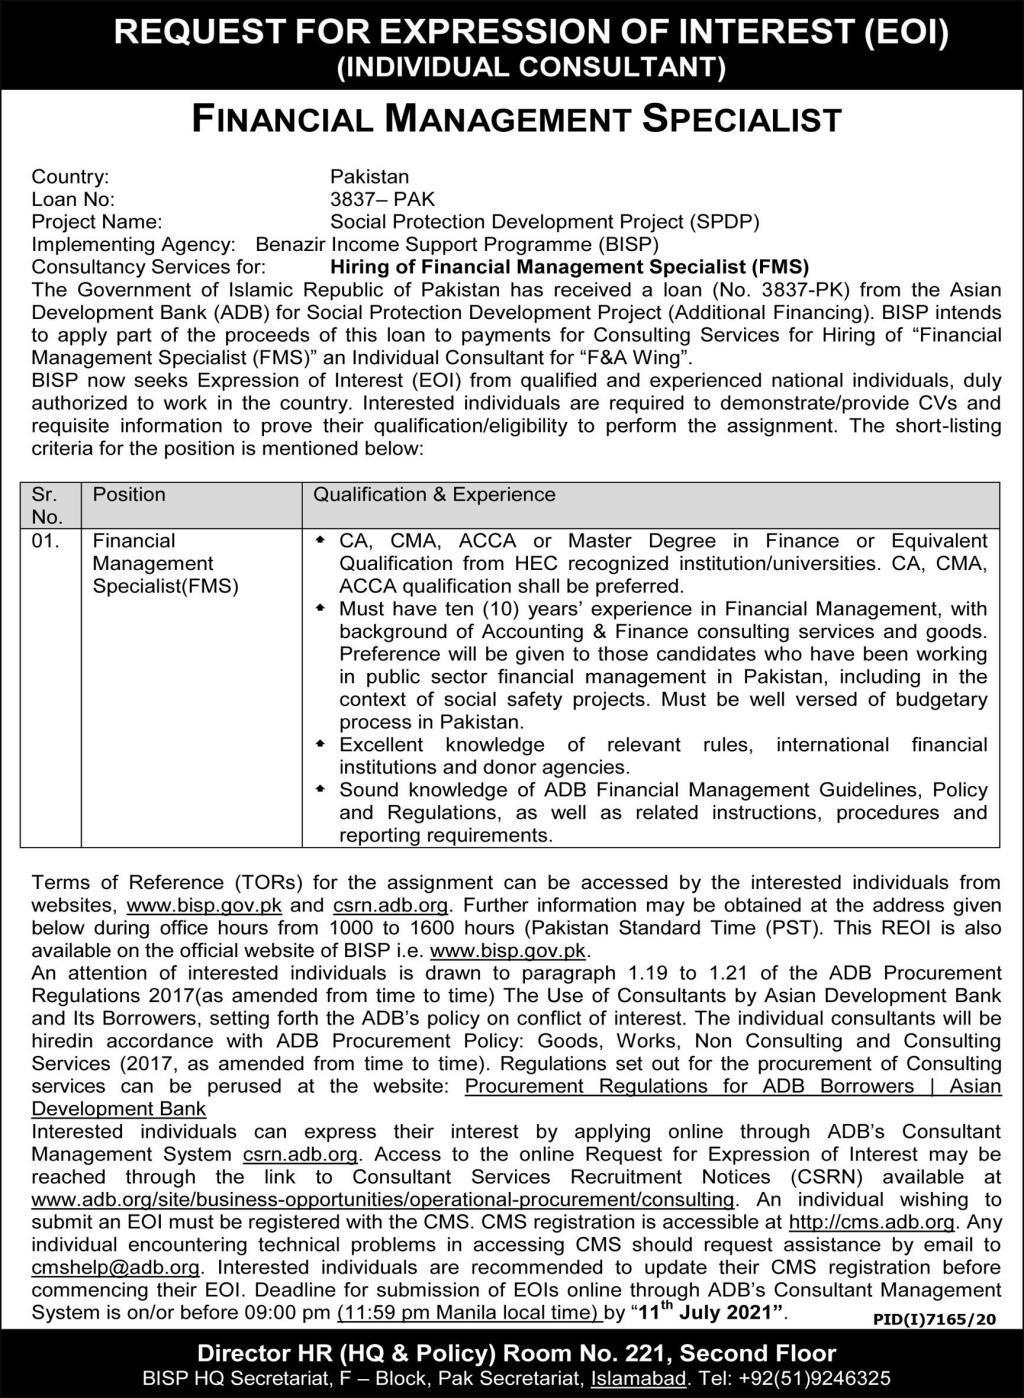 BISP Jobs 2021 Benazir Income Support Program